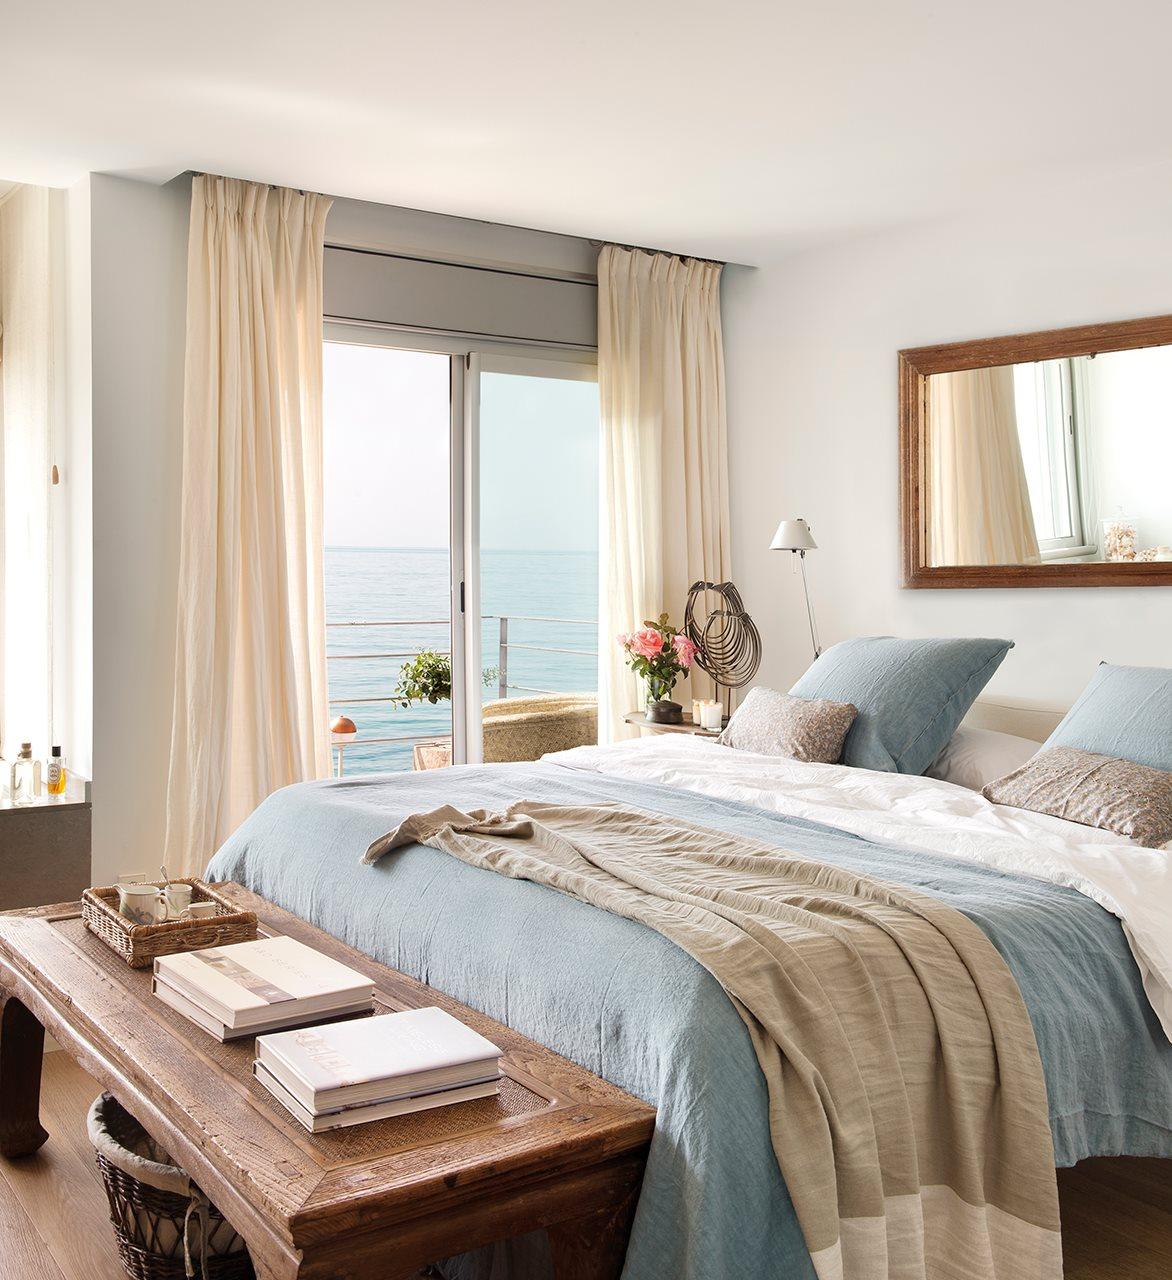 Una casa d plex con vistas al mar para un verano inolvidable - Fotos dormitorios ...